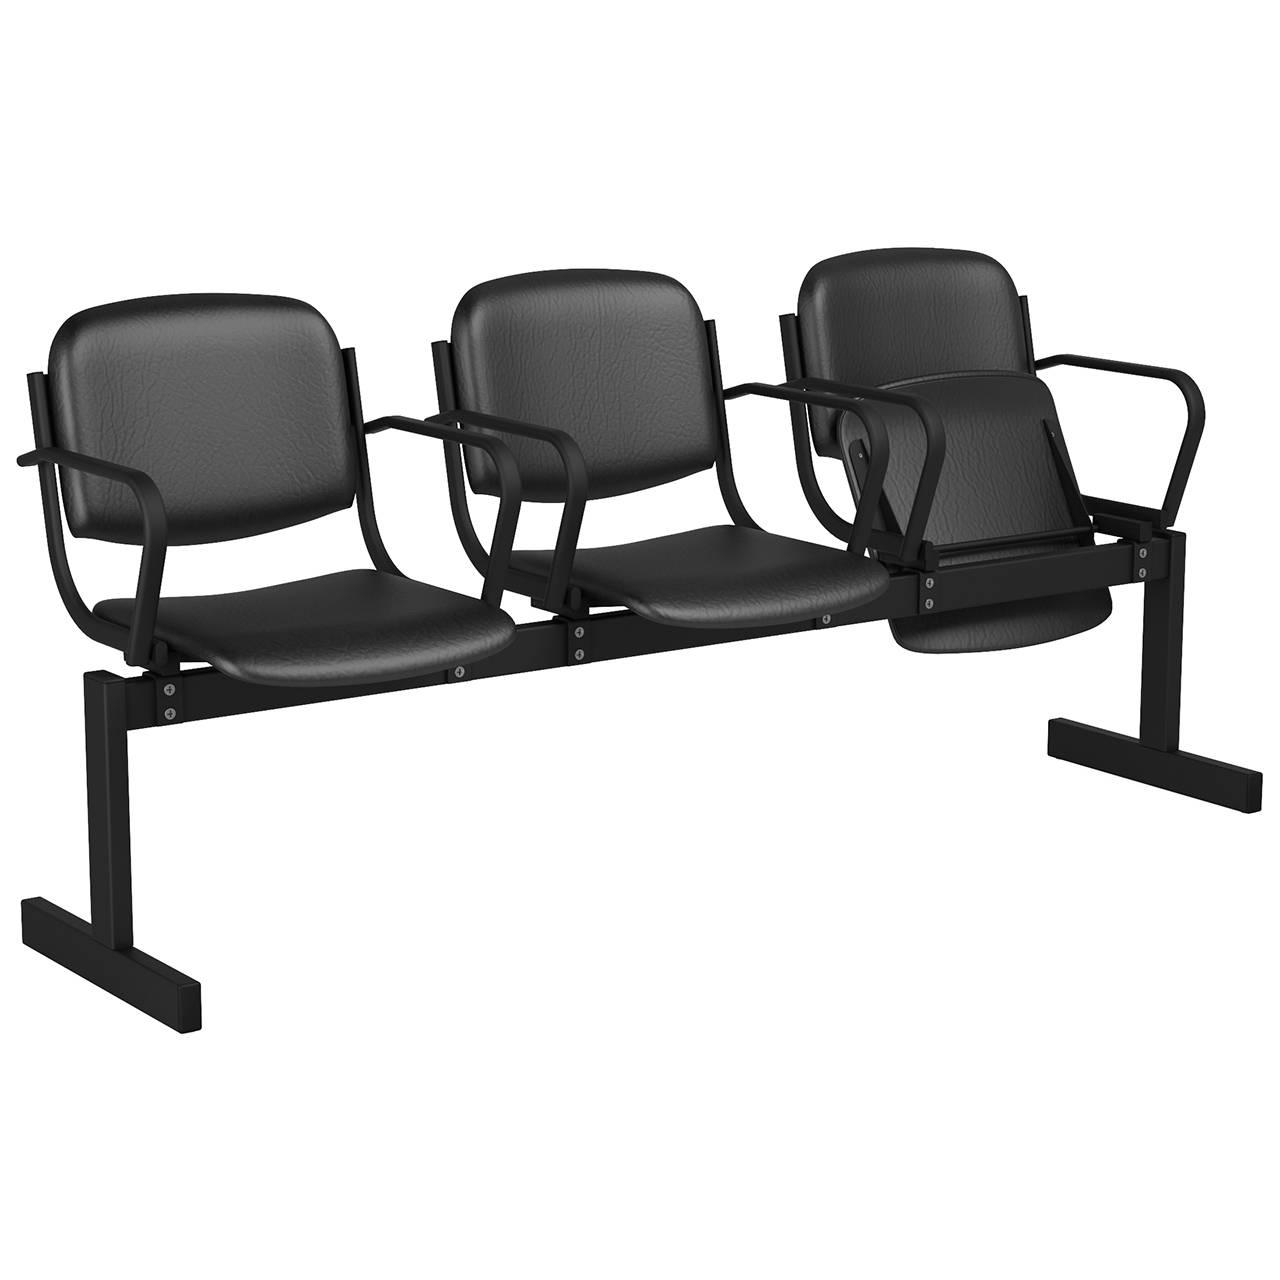 3-местный, откидывающиеся сиденья, мягкий, подлокотники черный черный Кожзаменитель